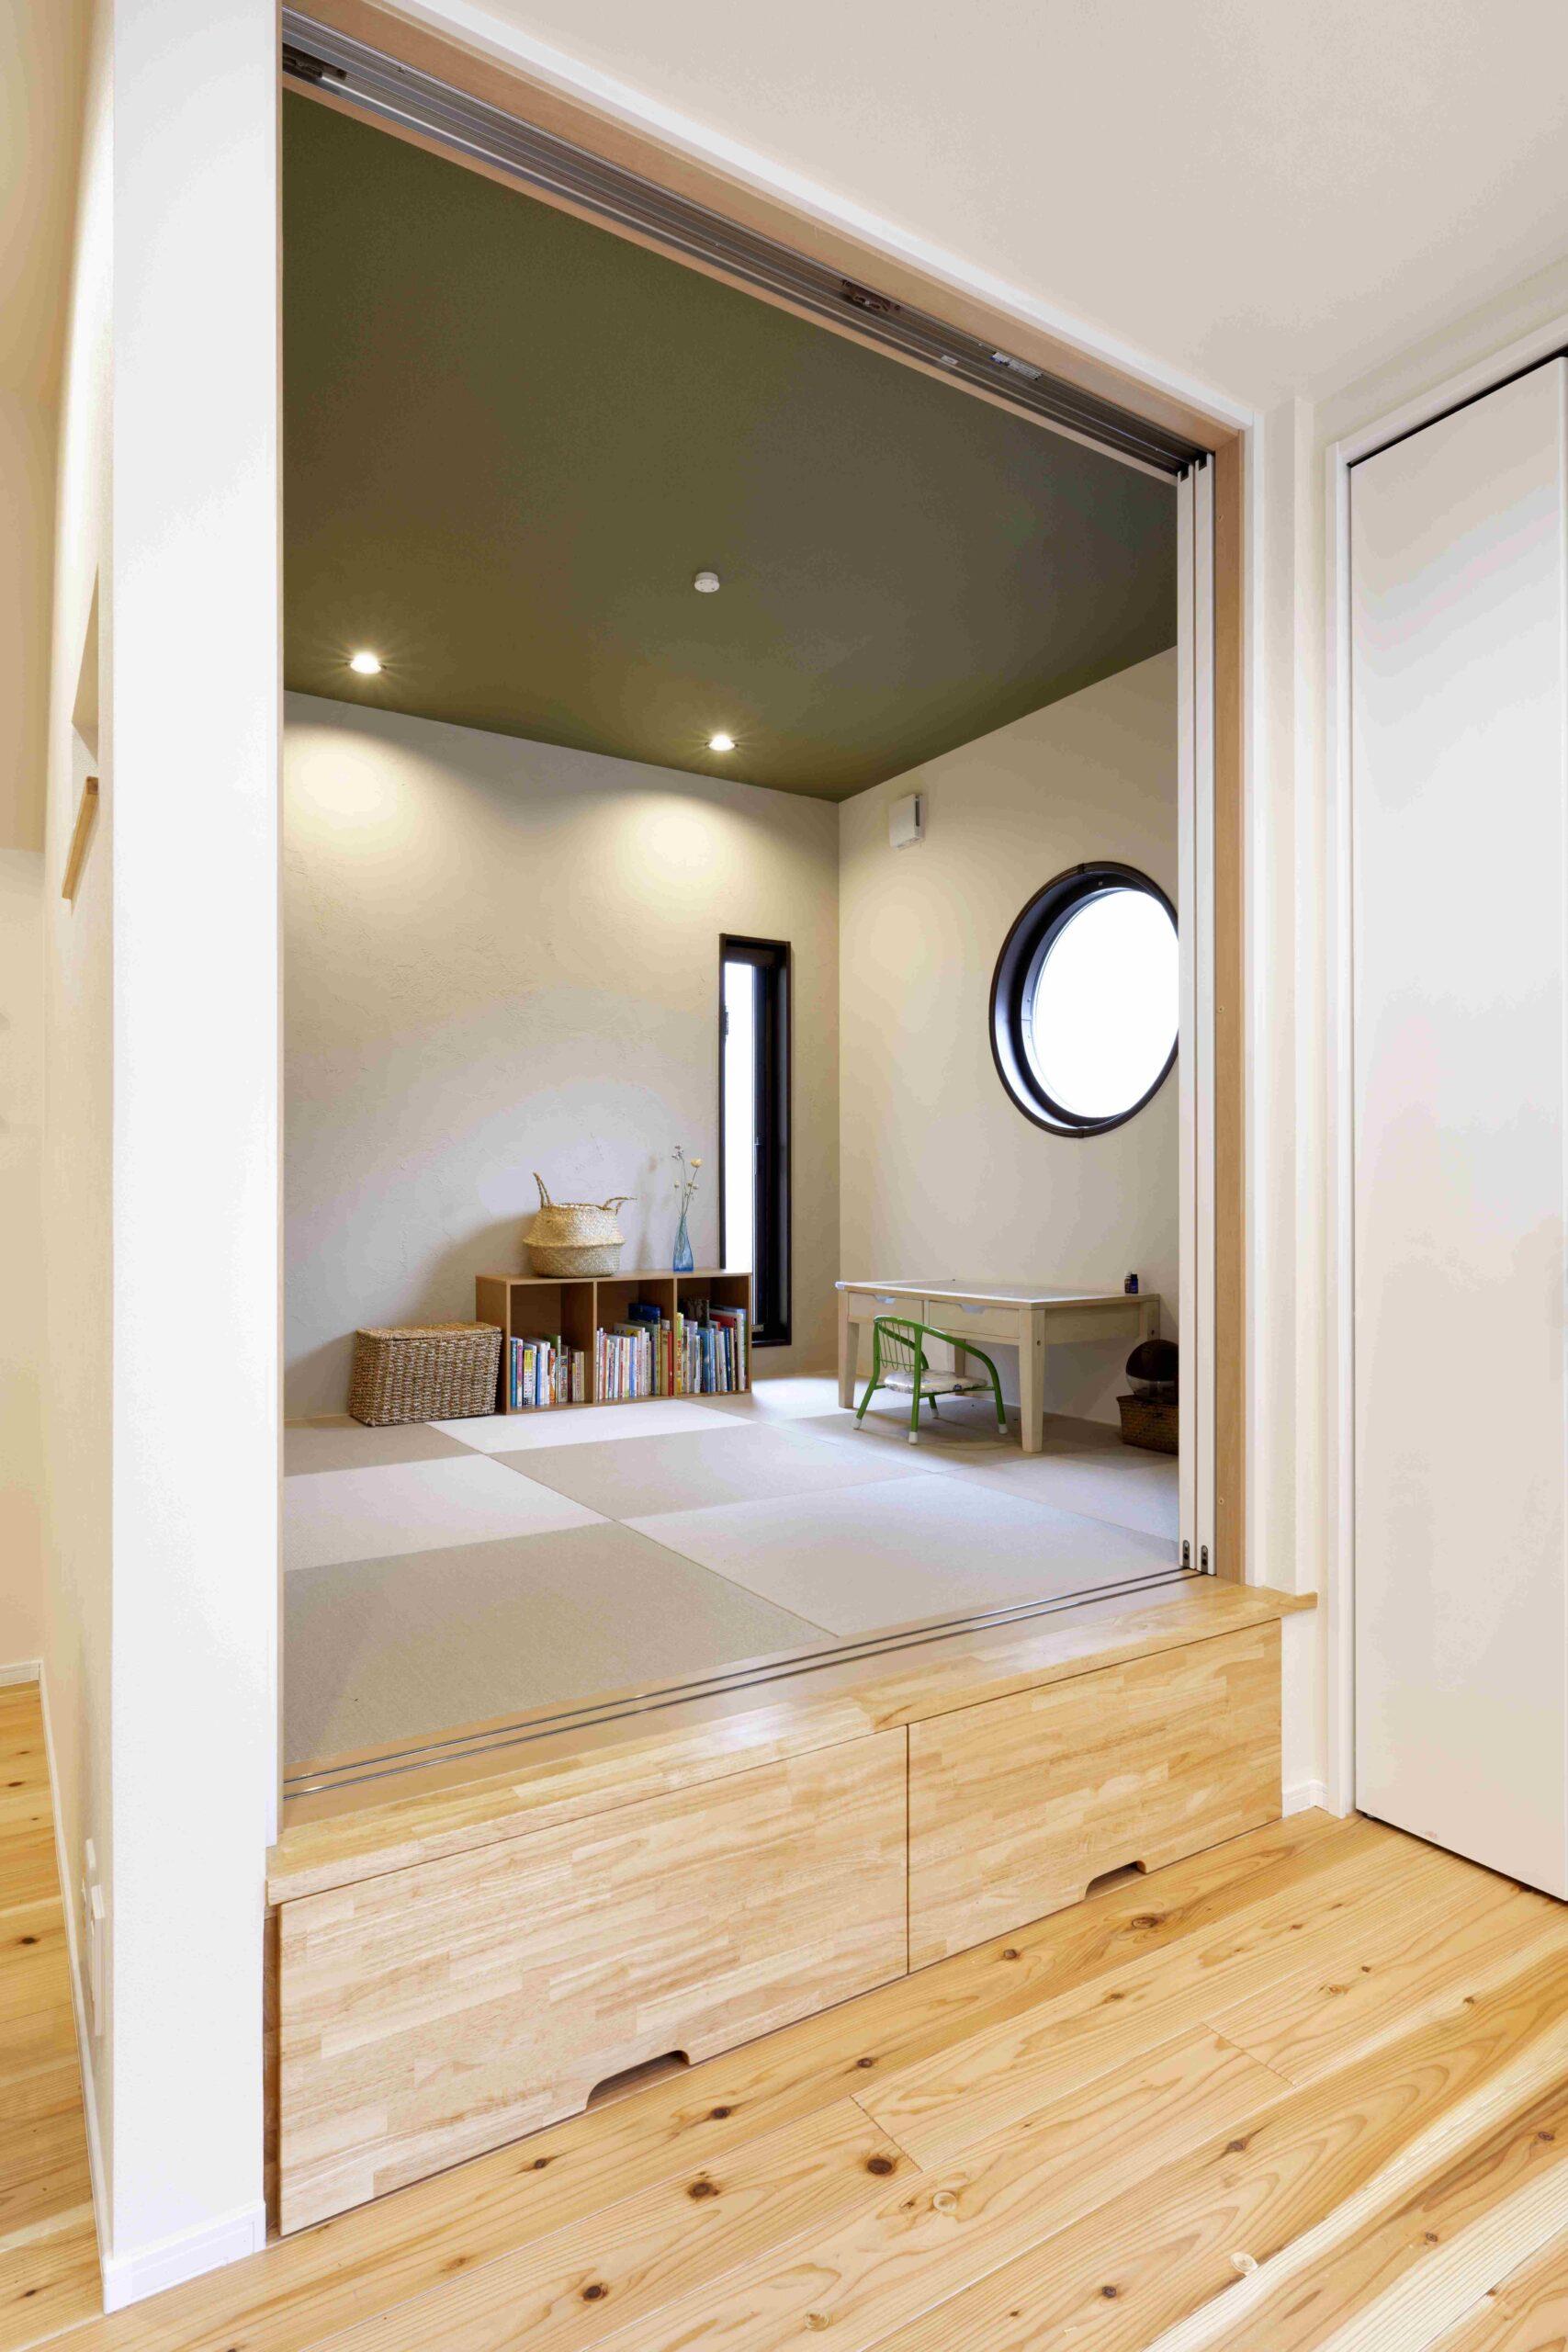 小上がりの畳スペース。ウォールウォッシャーのダウンライトでより明るい空間に。